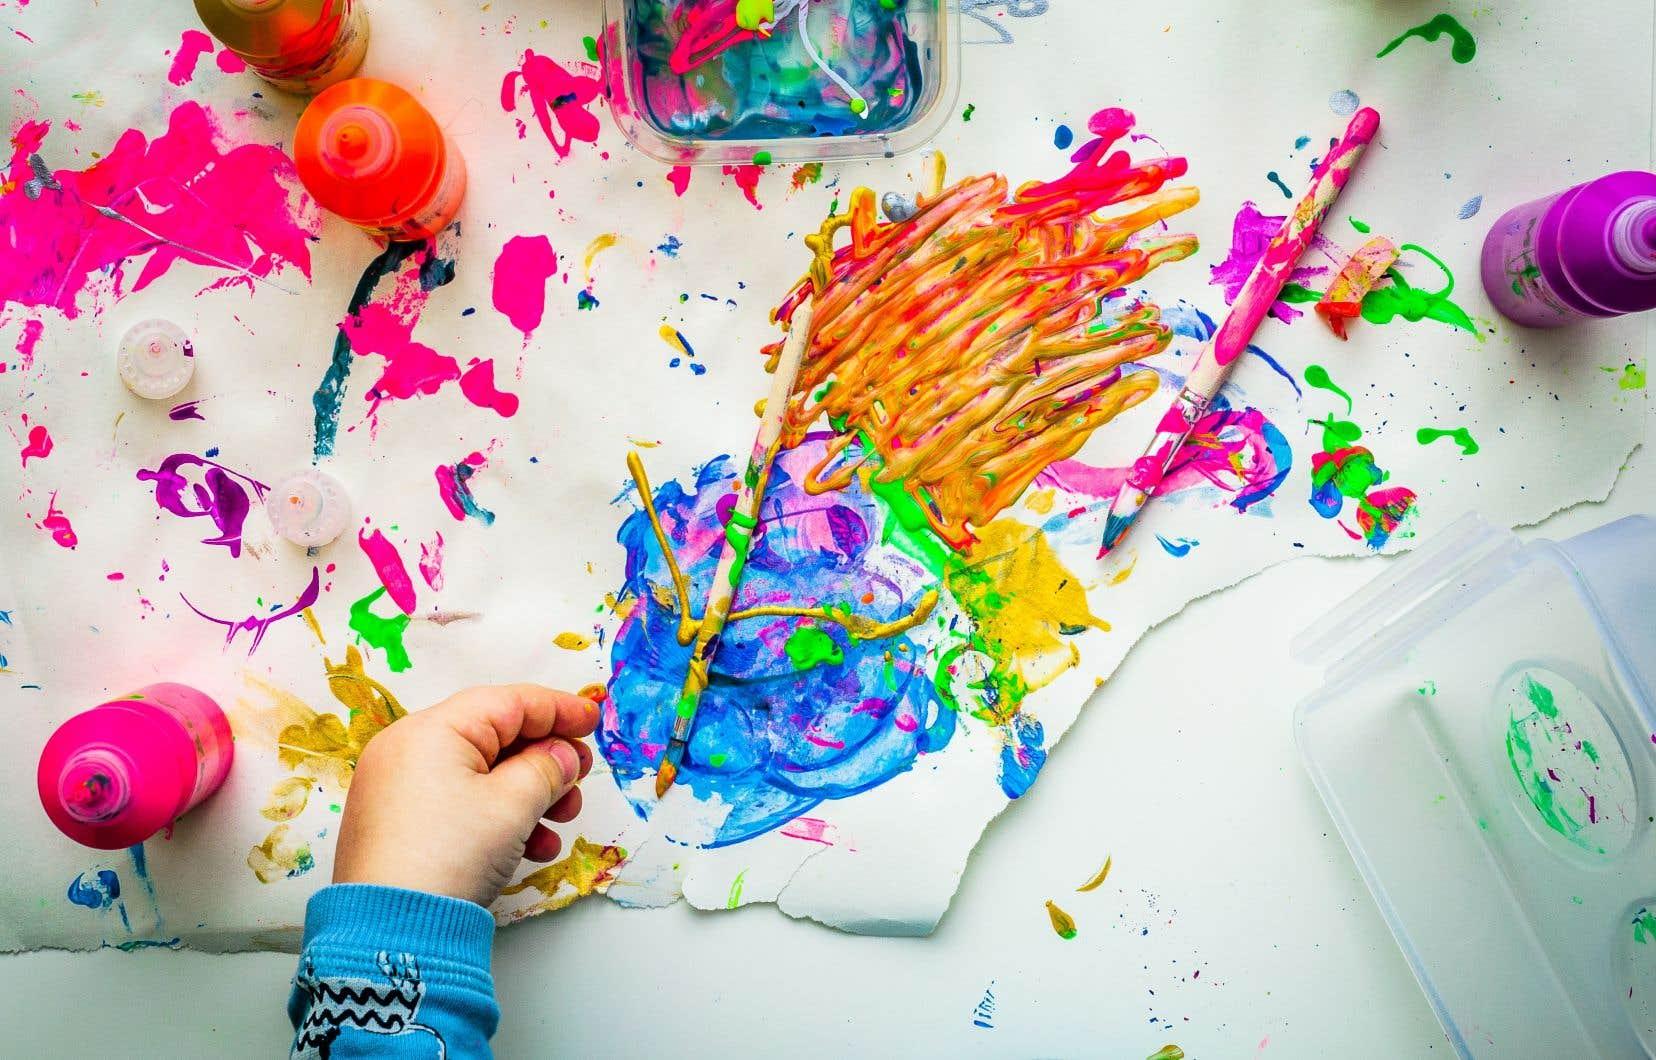 Le rapport Rioux recommande d'intégrer les arts à l'éducation et d'instaurer un encadrement nécessaire à la réussite de cette intégration.